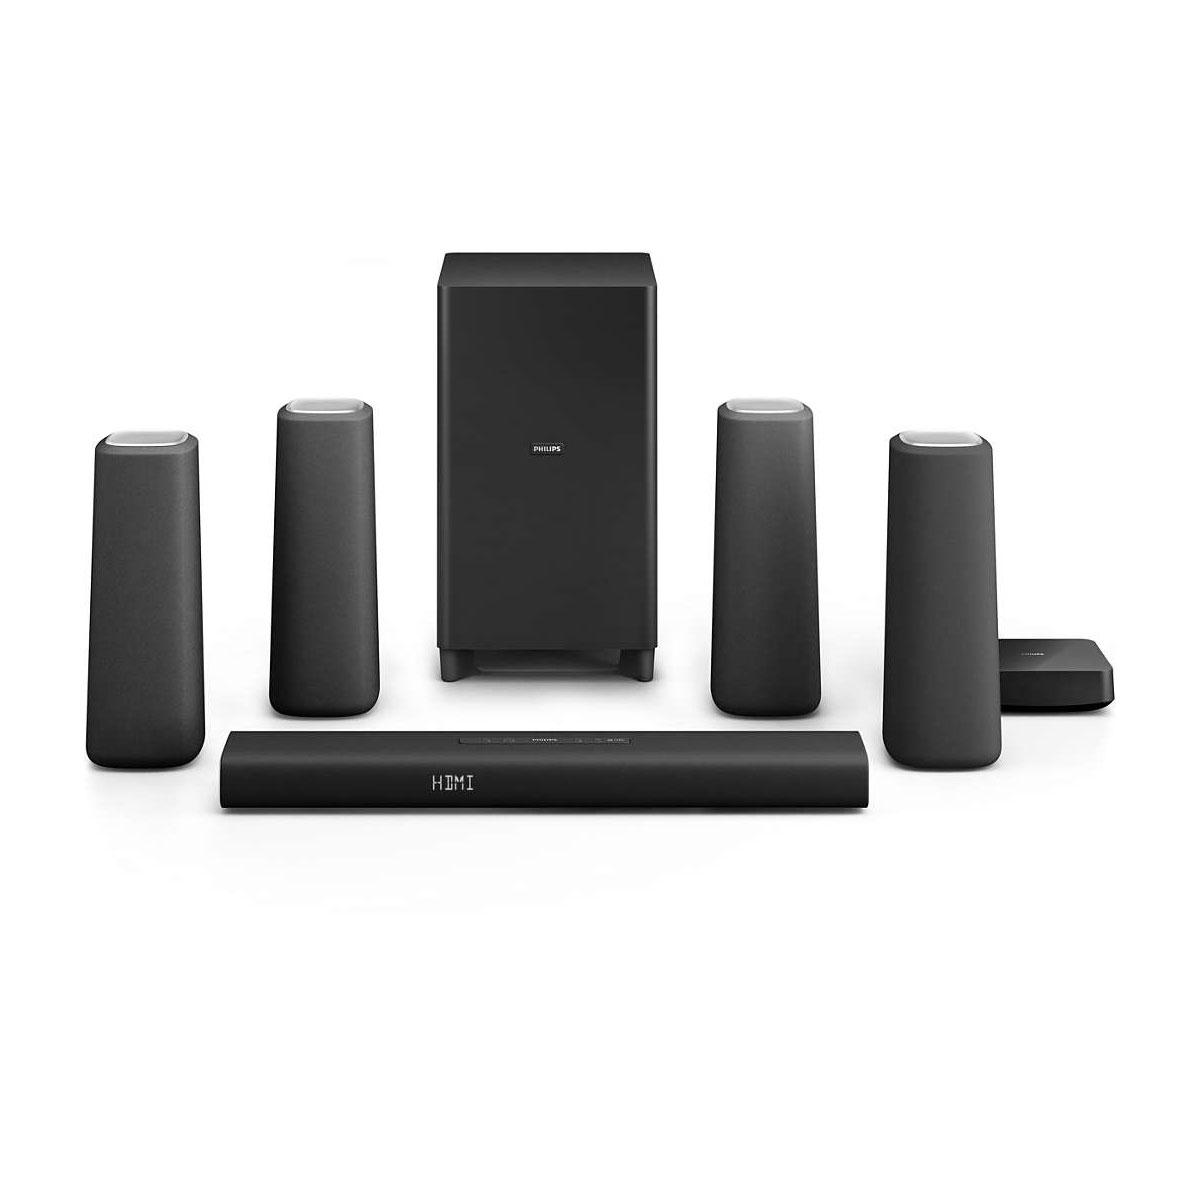 Ensemble home cinéma Philips CSS5530 Noir Ensemble home cinéma sans fil 5.1 Dolby Digital / Pro Logic II avec Bluetooth et NFC